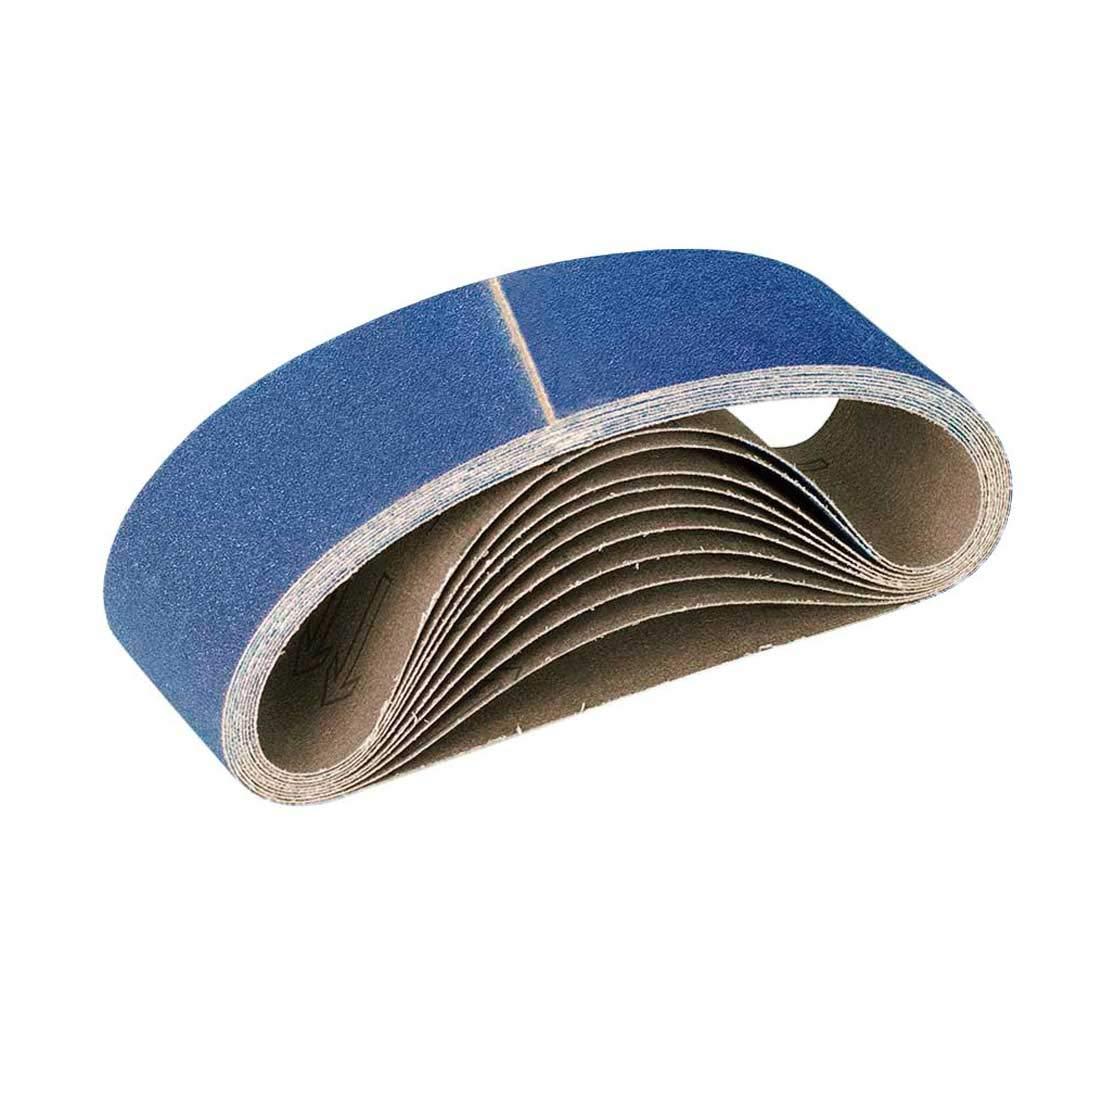 10 MioTools Sanding Belts for Hand Belt Sanders 303 x 40 mm Grit 80